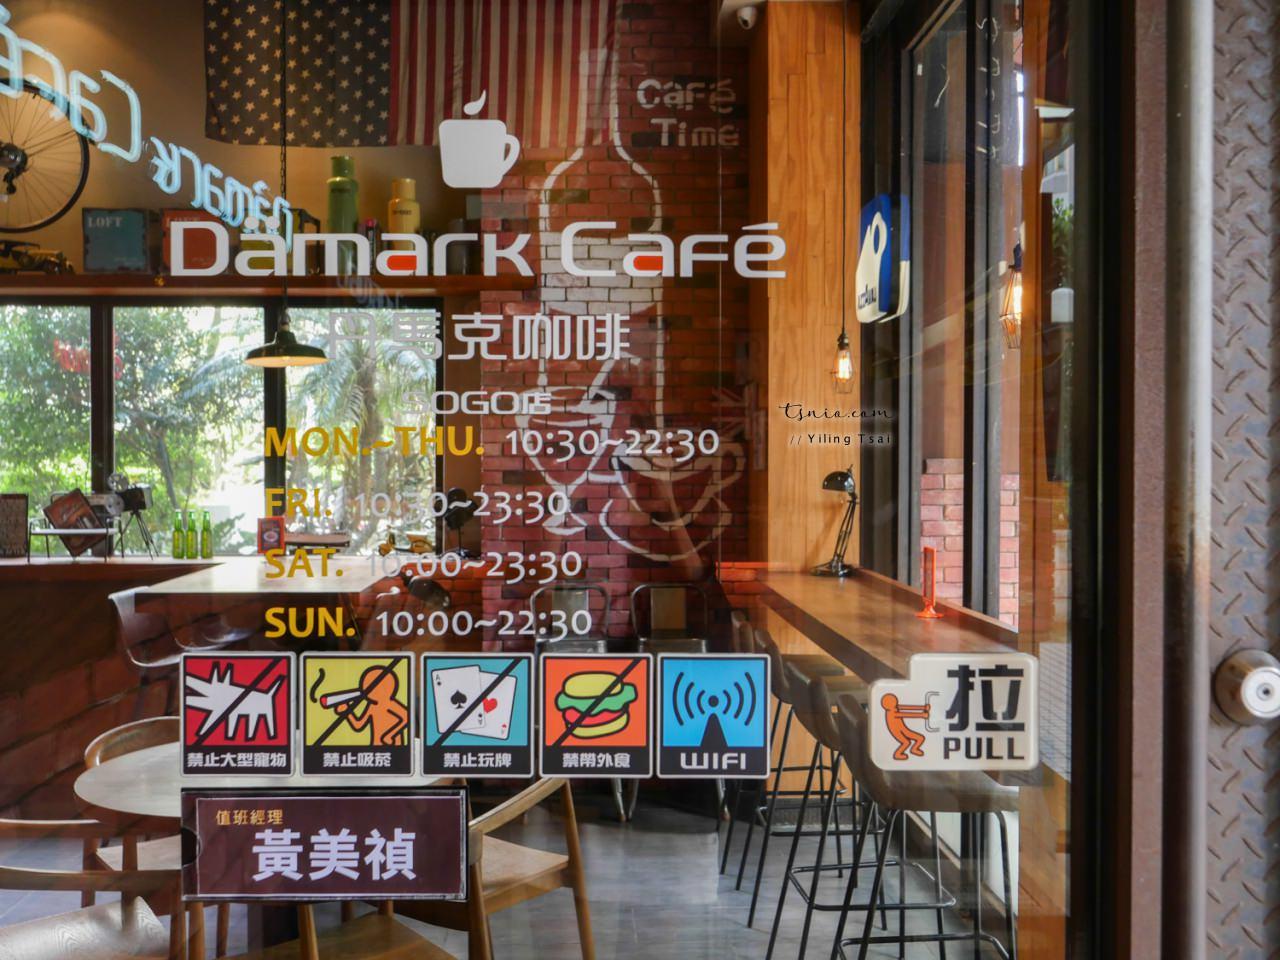 桃園中壢美食推薦 丹馬克咖啡 Dämark café 復古美式風格餐廳